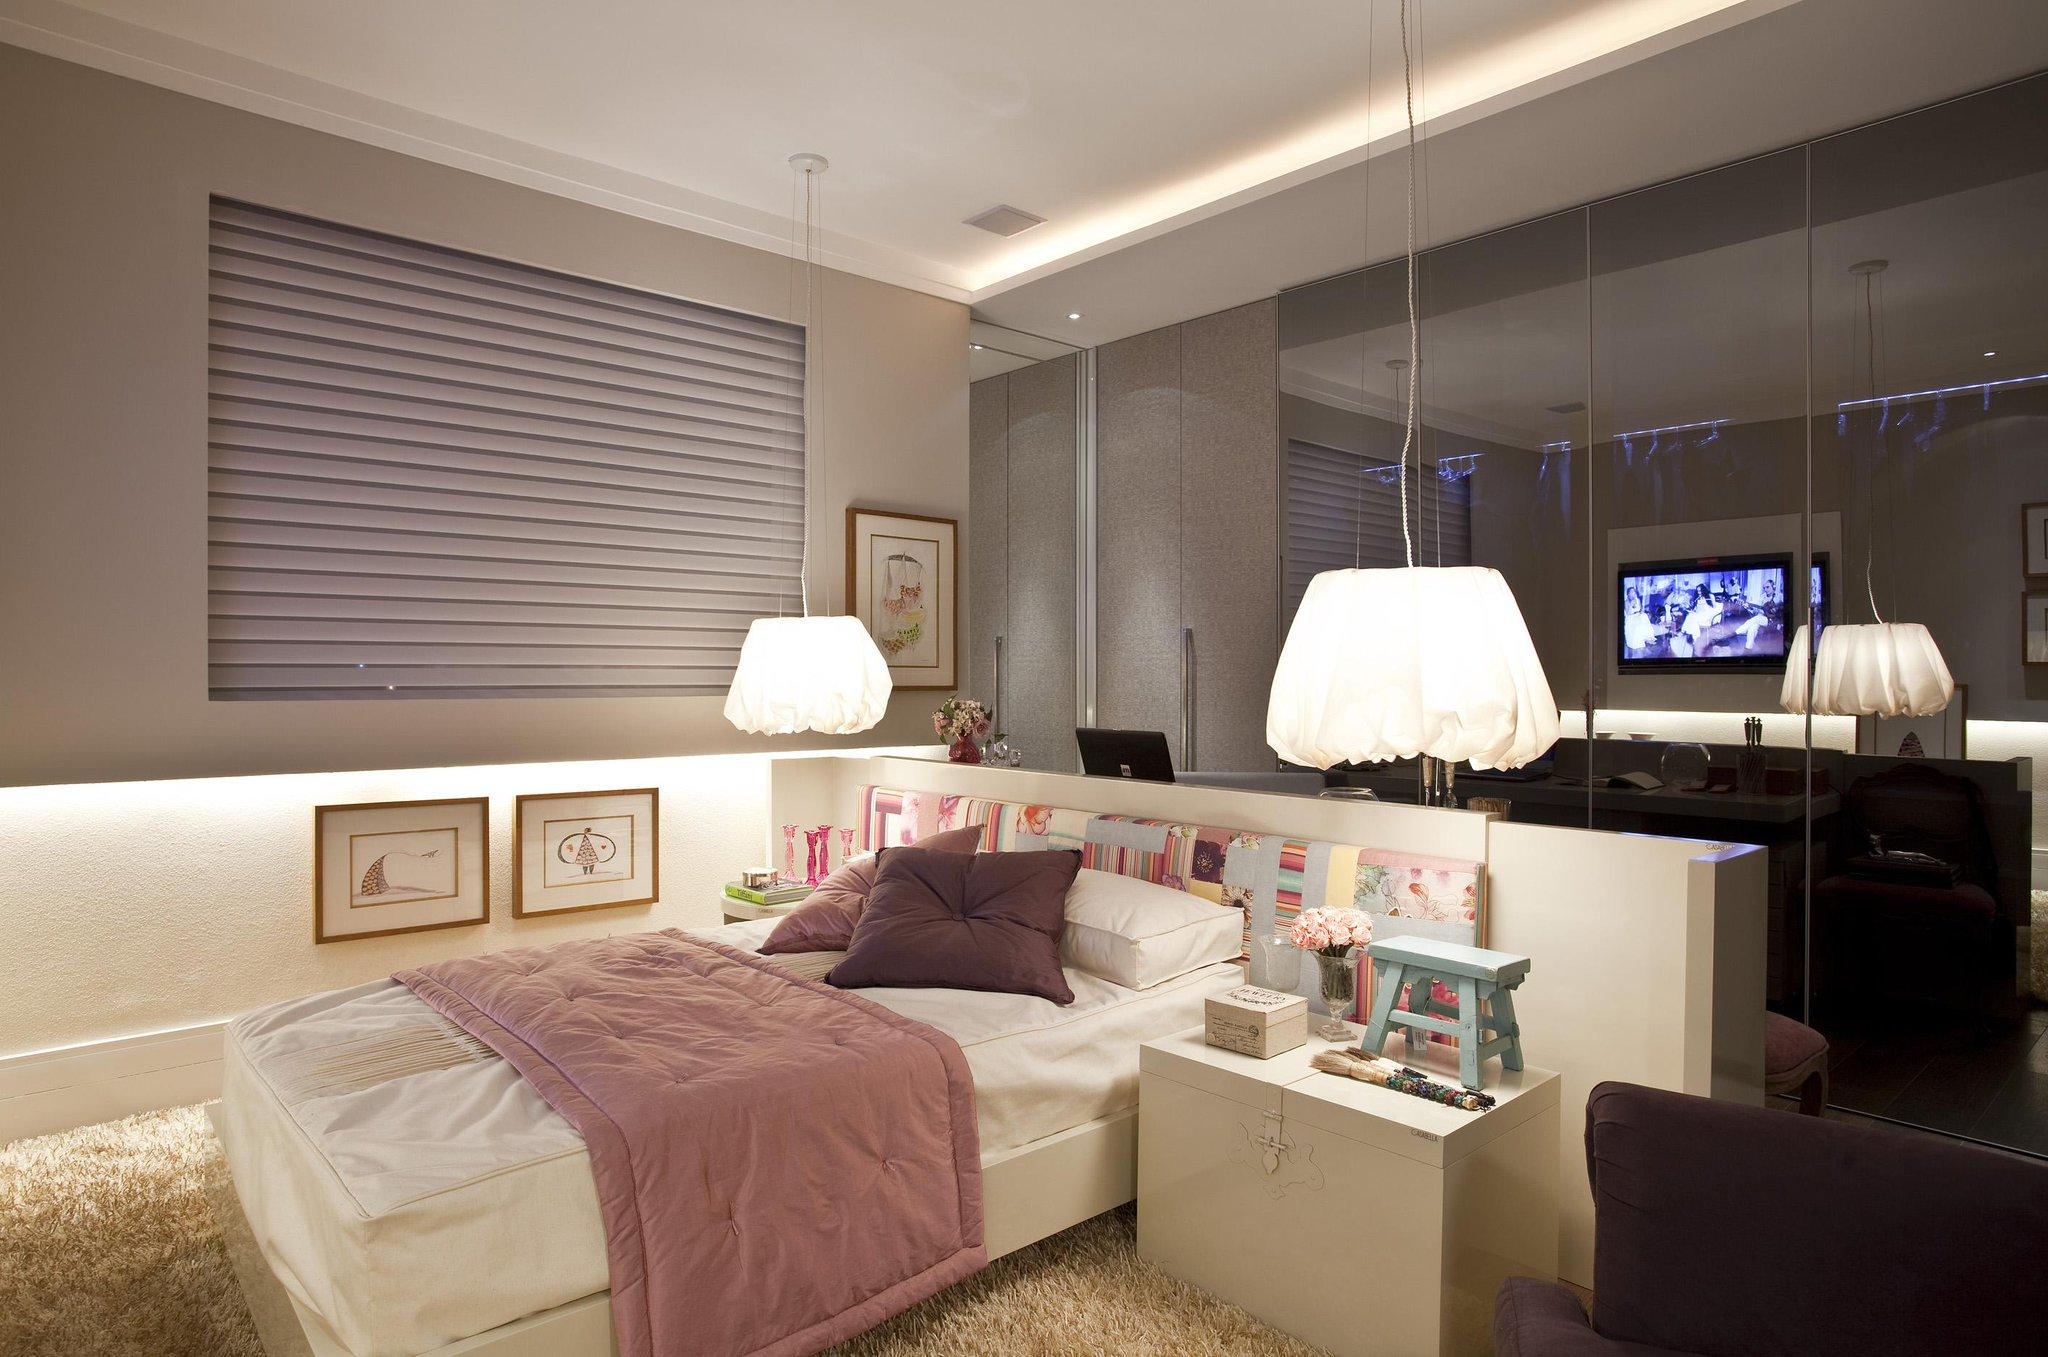 Delicado e aconchegante, esse dormitório é simples e cheio de personalidade. http://t.co/oRQf4FoGS0